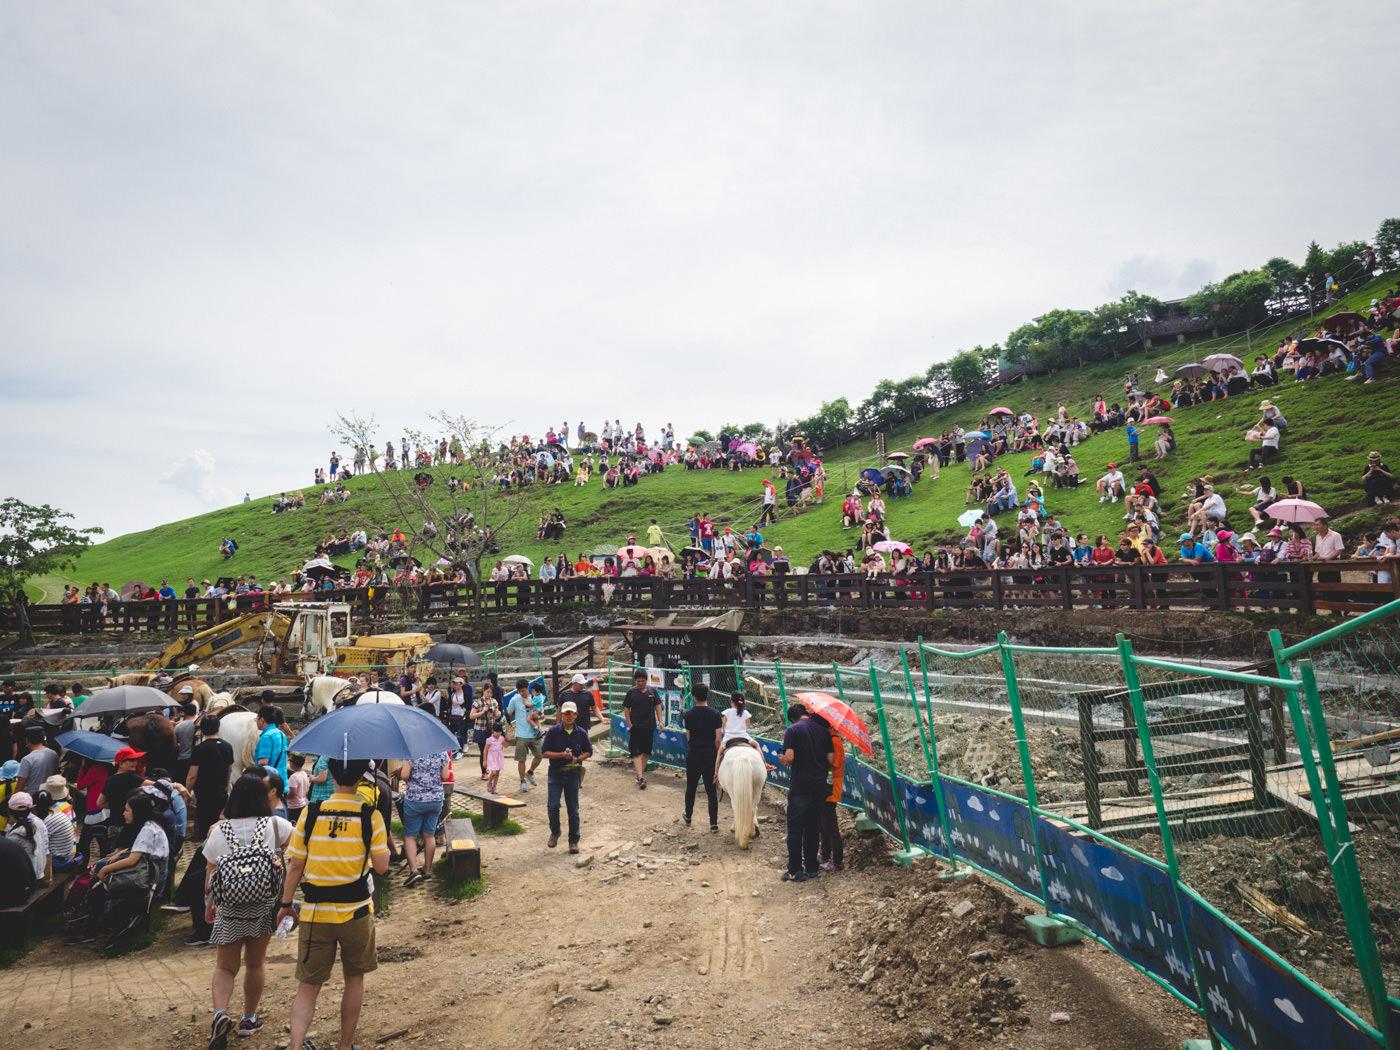 Taiwan - Qingjing Farm - Tourist waiting for the show to begin